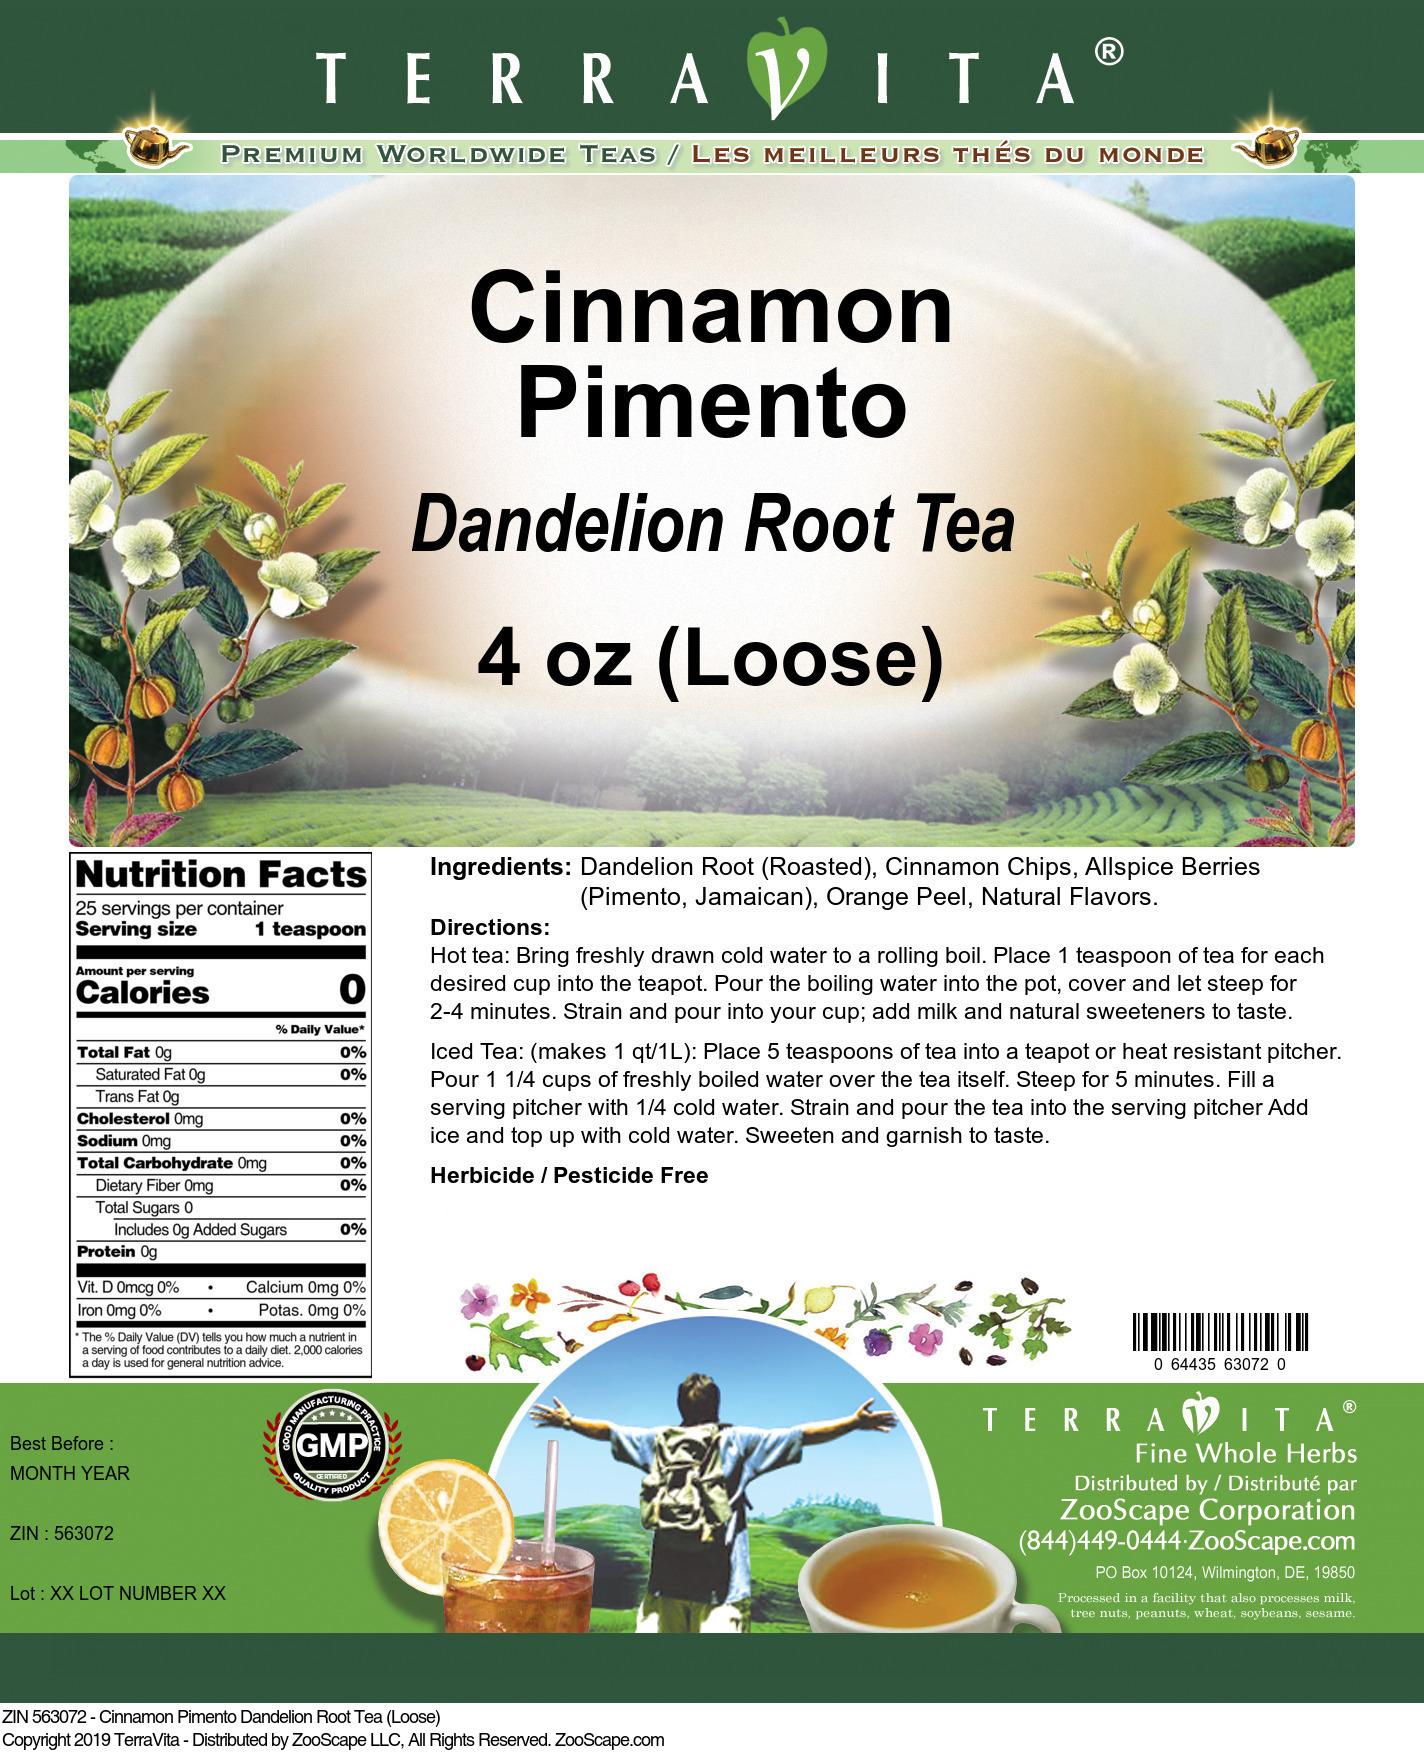 Cinnamon Pimento Dandelion Root Tea (Loose)